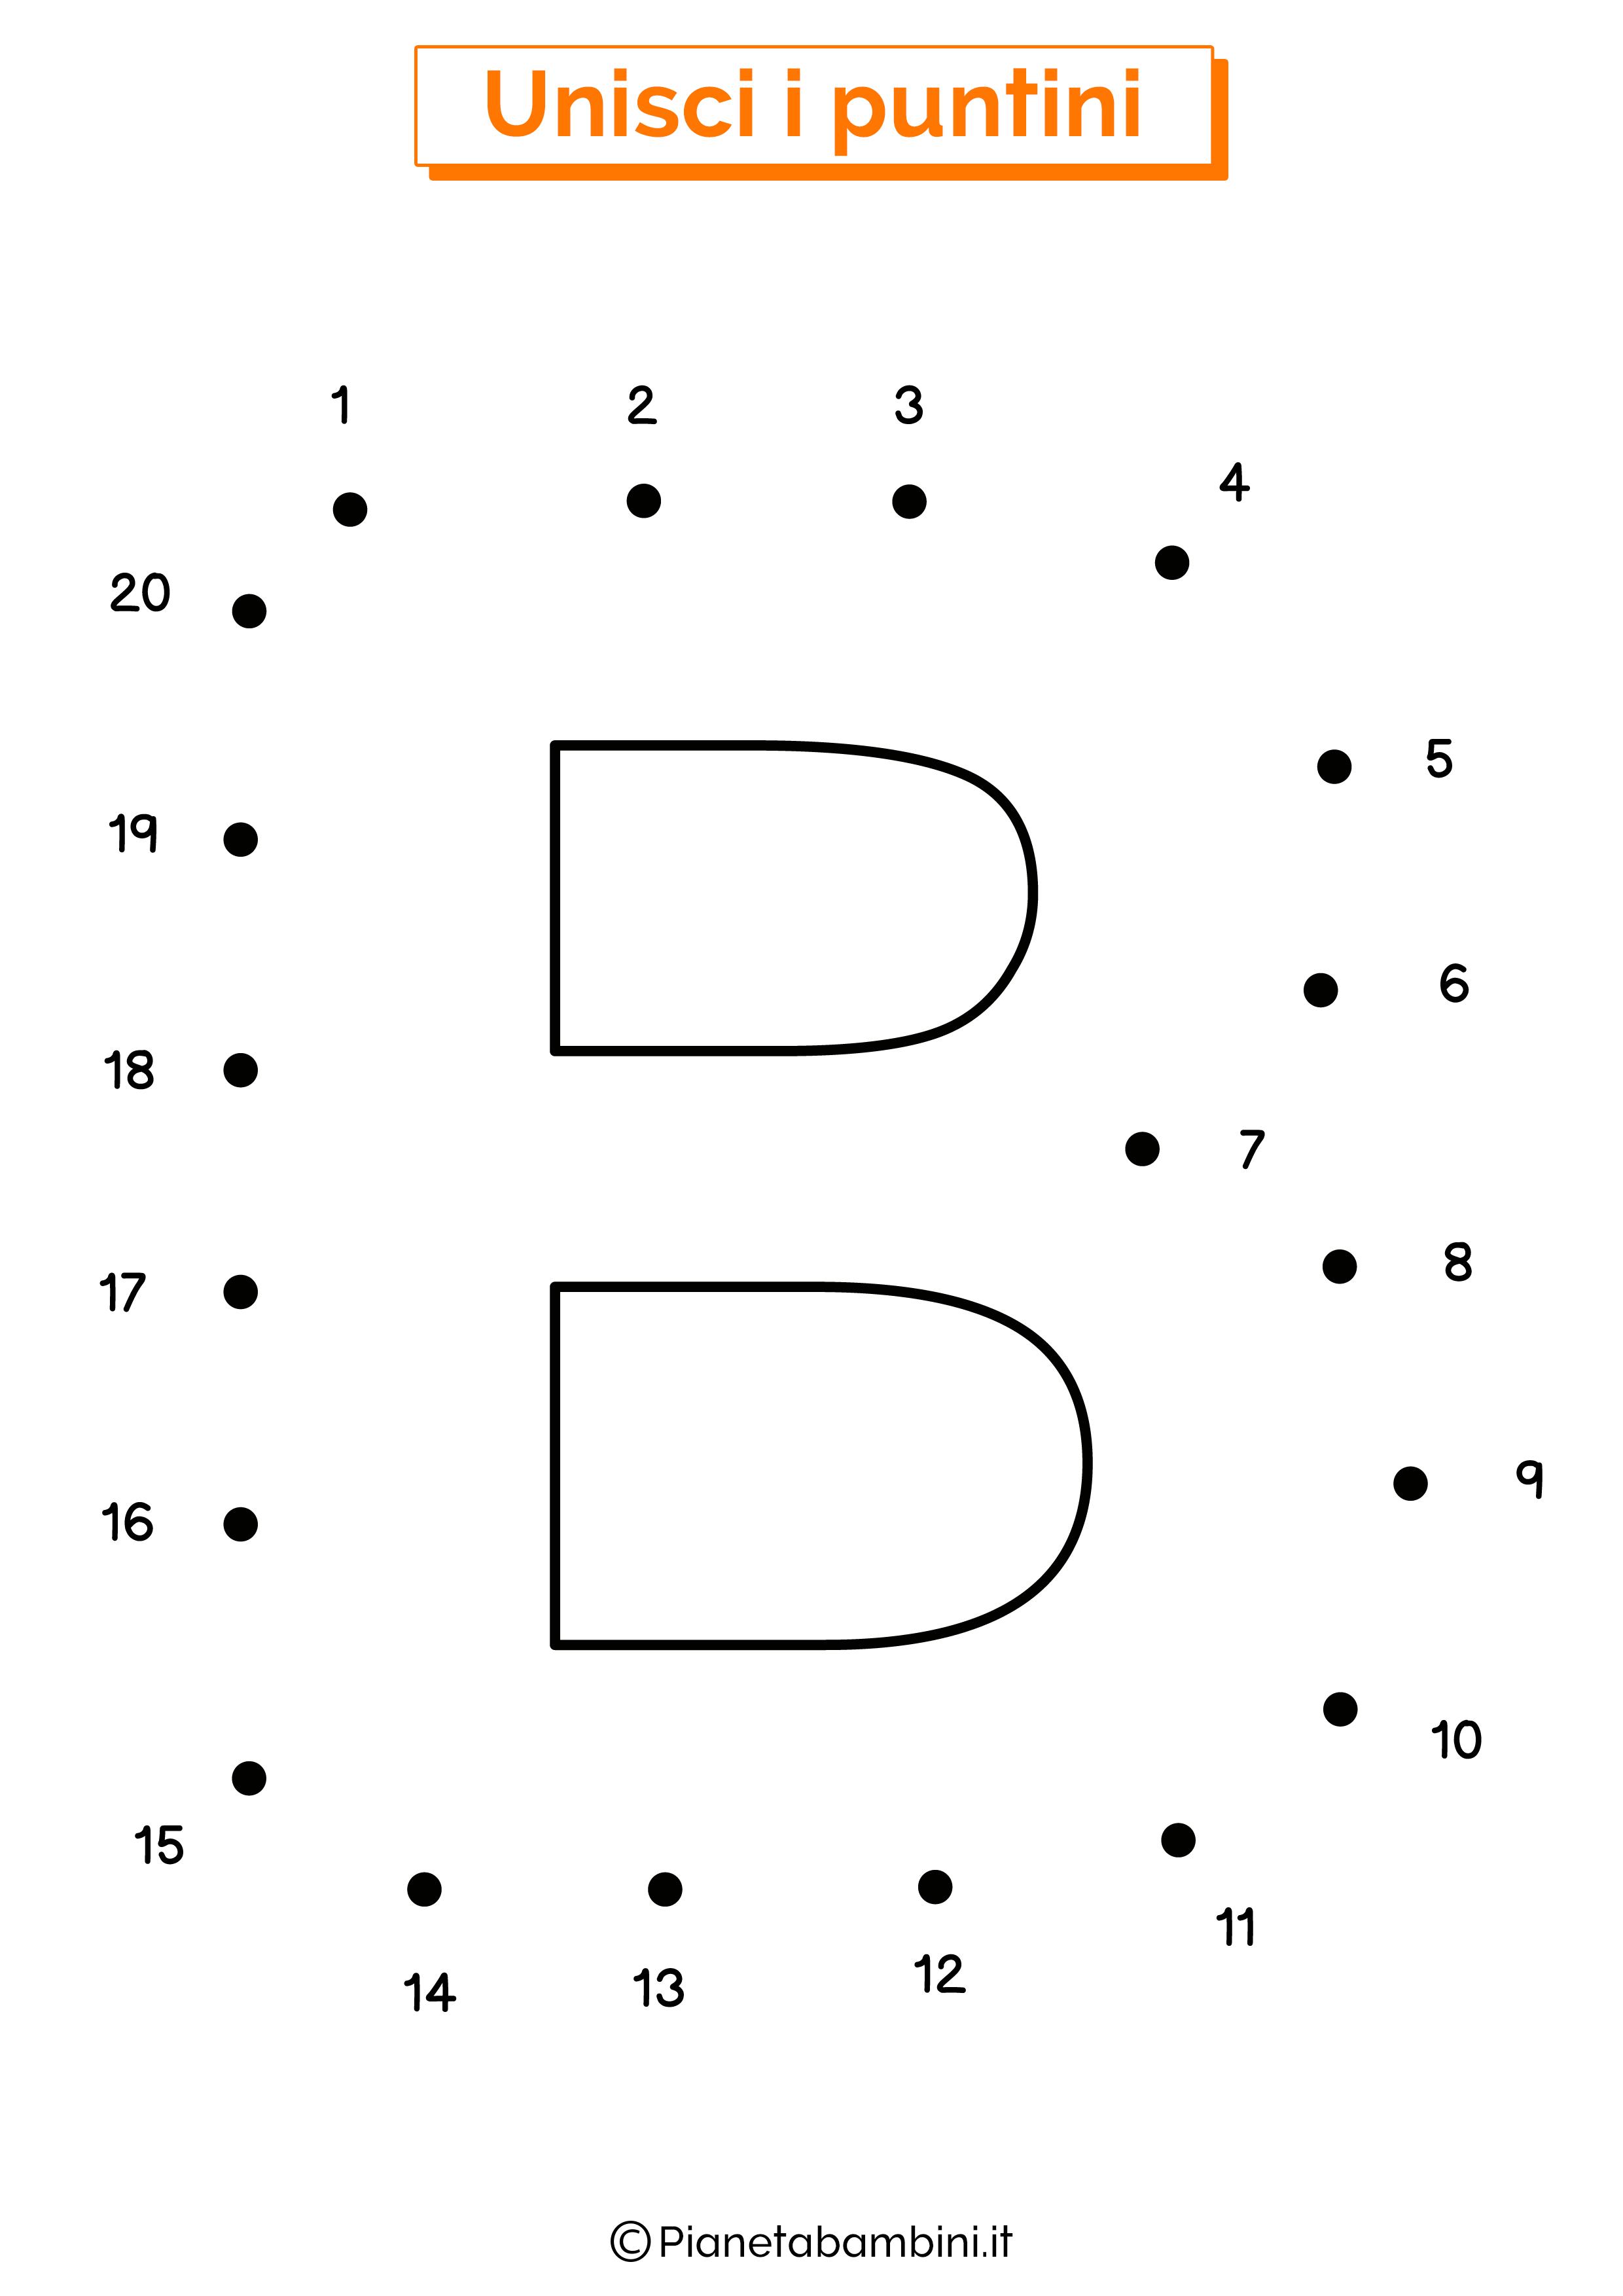 Unisci i puntini con la lettera B